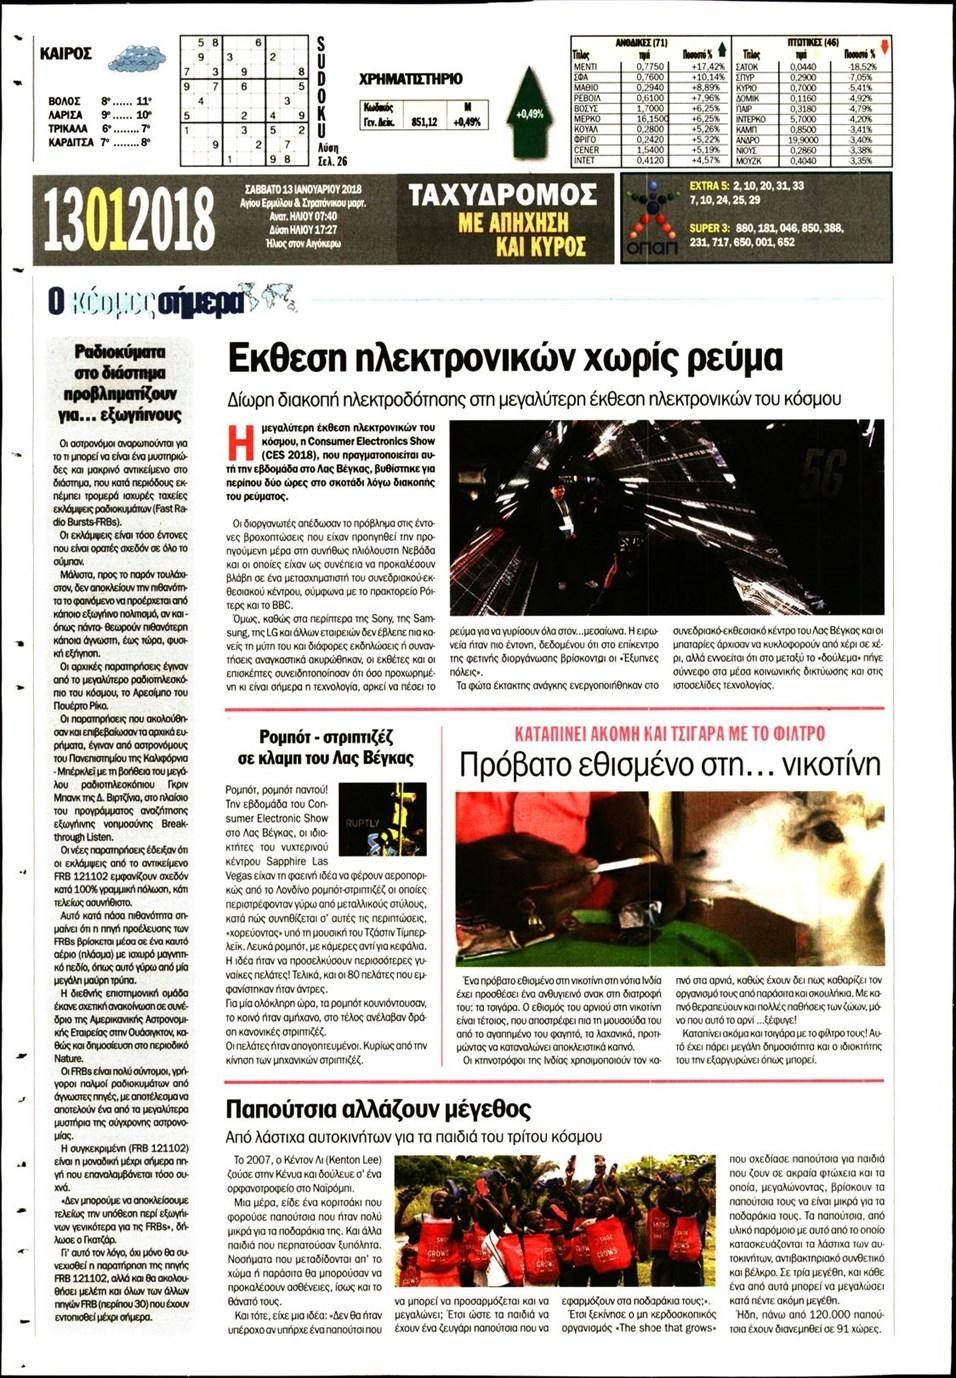 Οπισθόφυλλο εφημερίδας